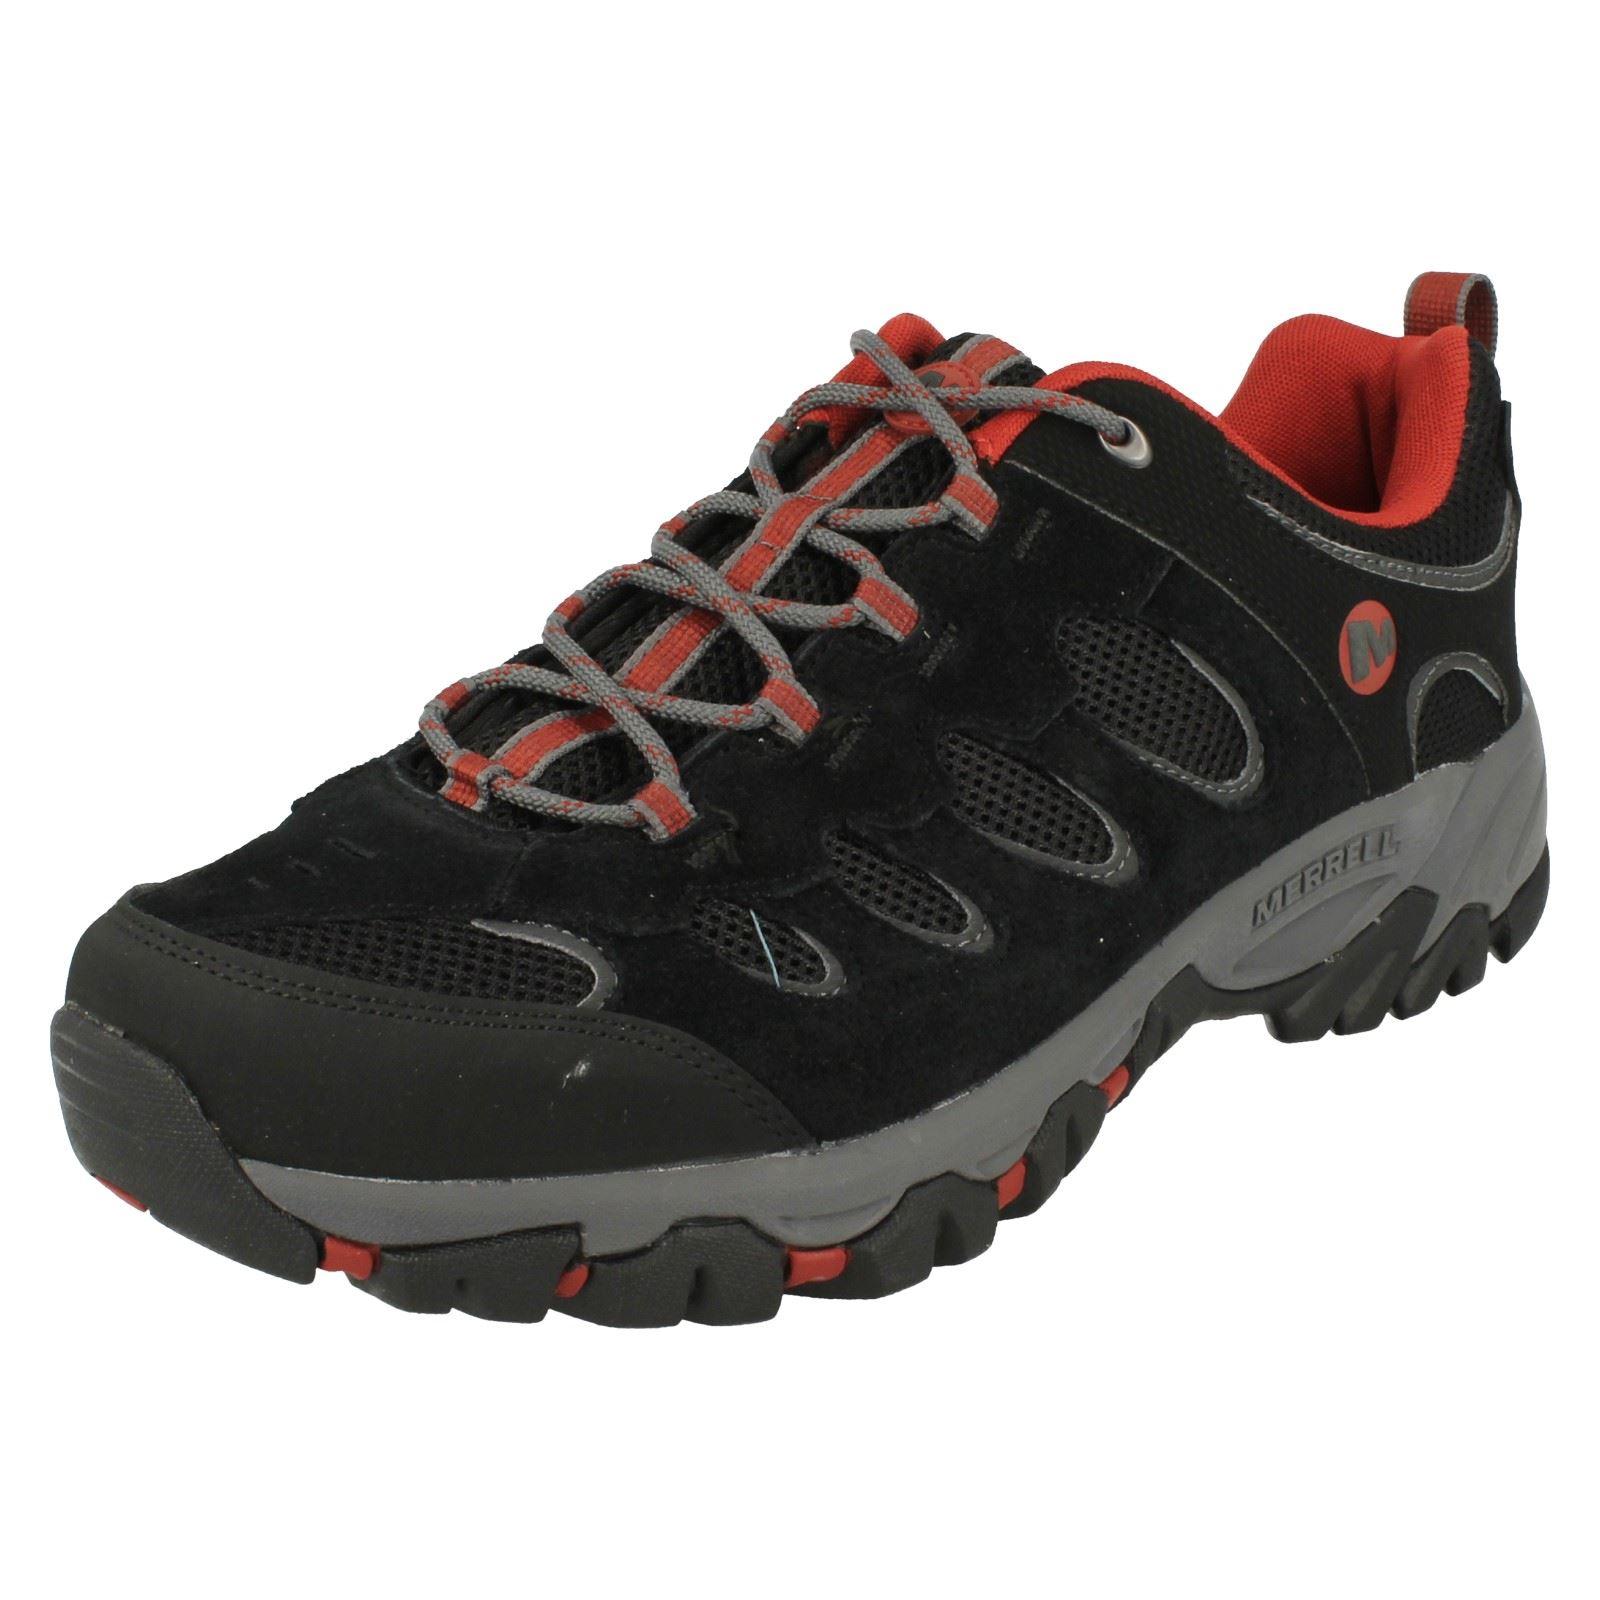 Merrell Pass Mens Walking Trainers - Ridge Pass Merrell 781da6